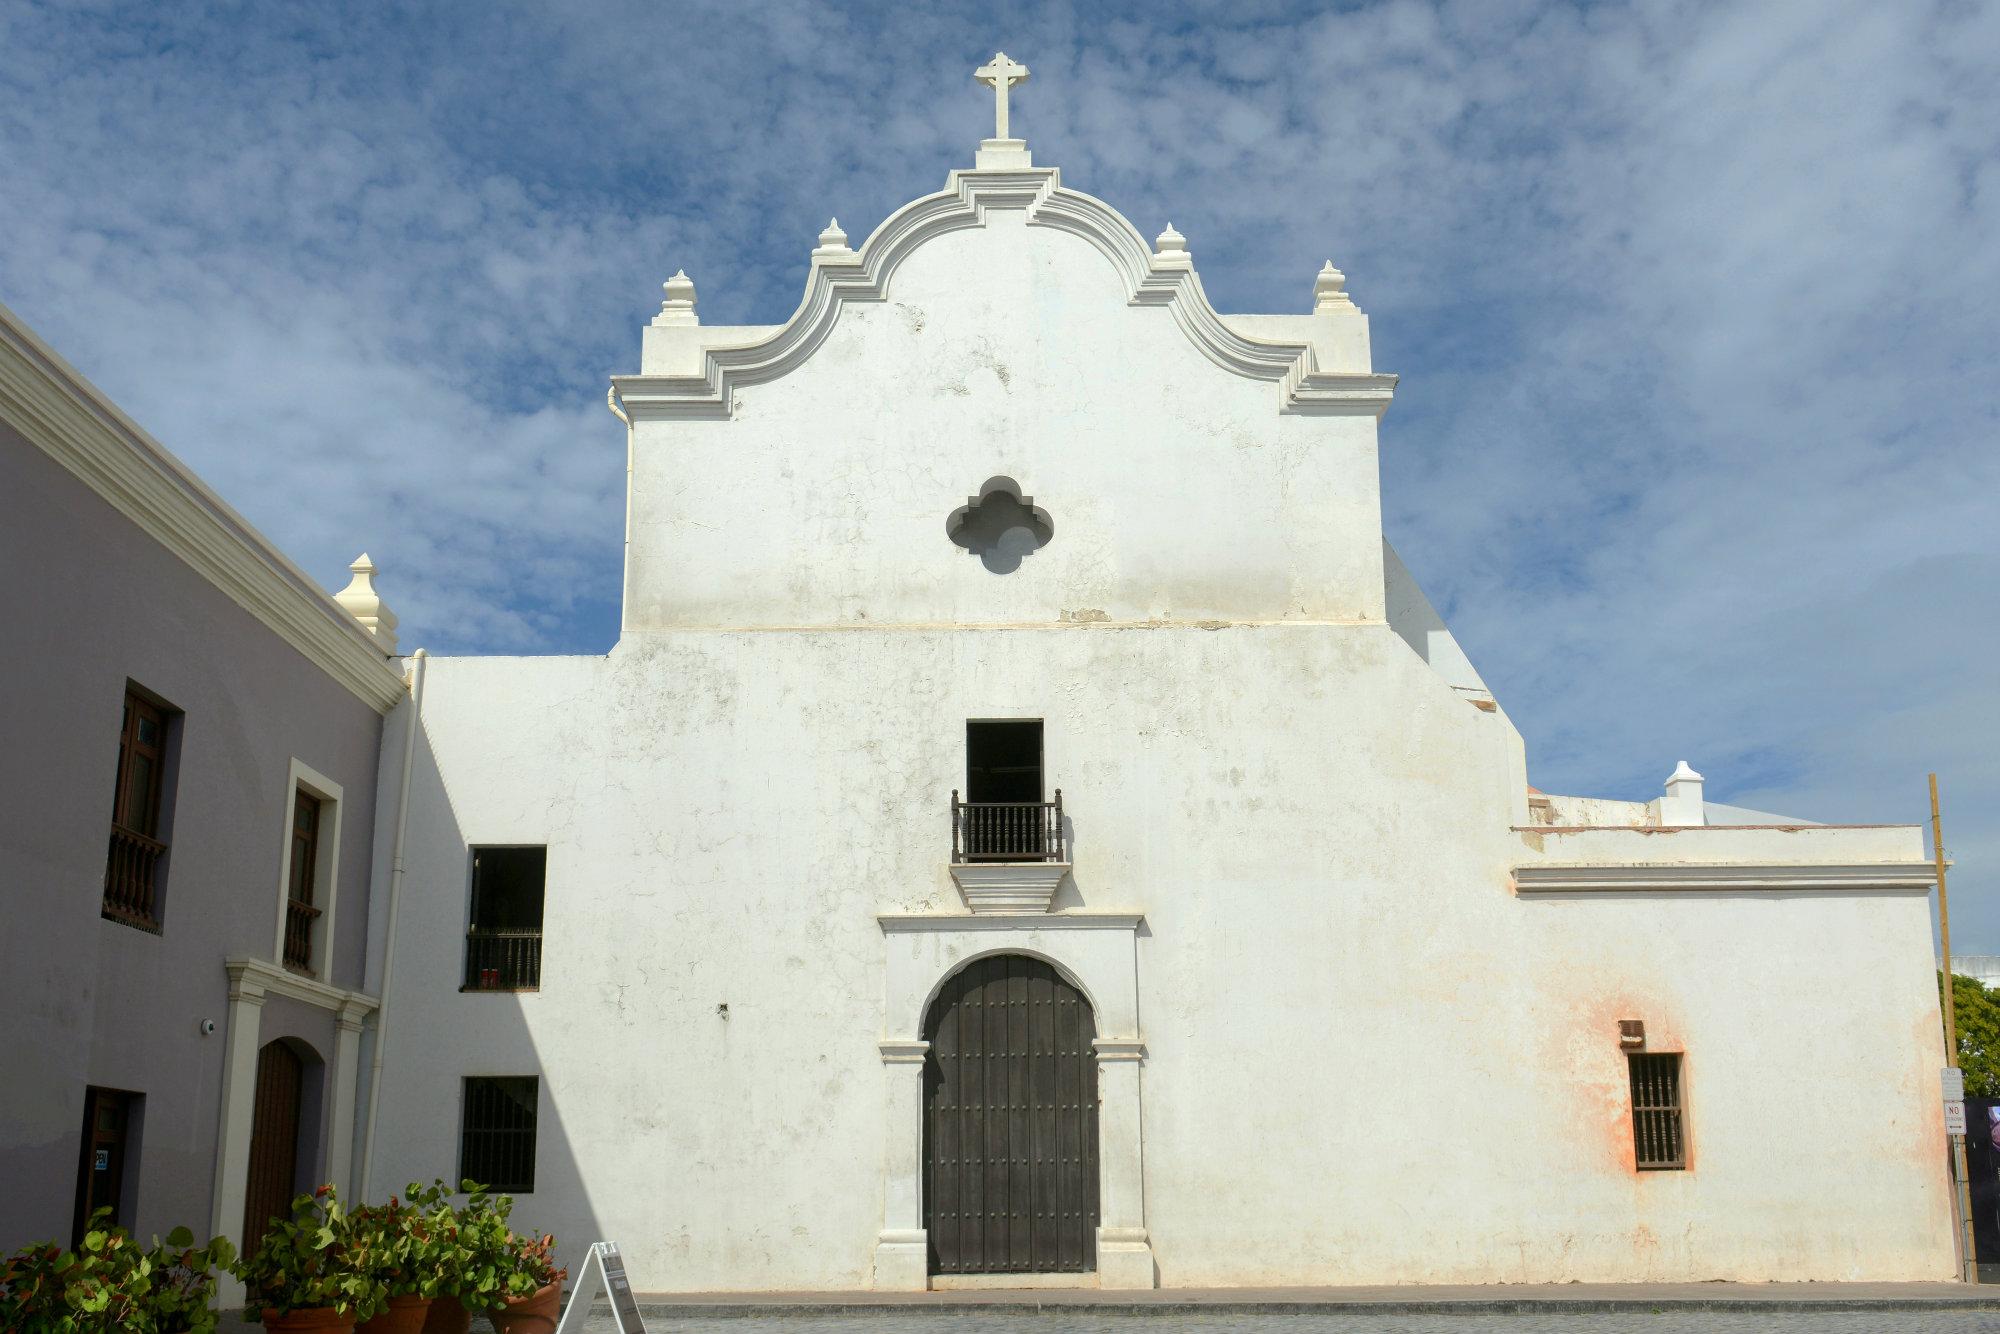 6. La Iglesia San José (San Juan de Puerto Rico), fue construida desde 1532 por la orden de los dominicos como parte de su Monasterio de Santo Tomás de Aquino. Su nombre actual fue dado por los jesuitas cuando tomaron control del monasterio en 1865.